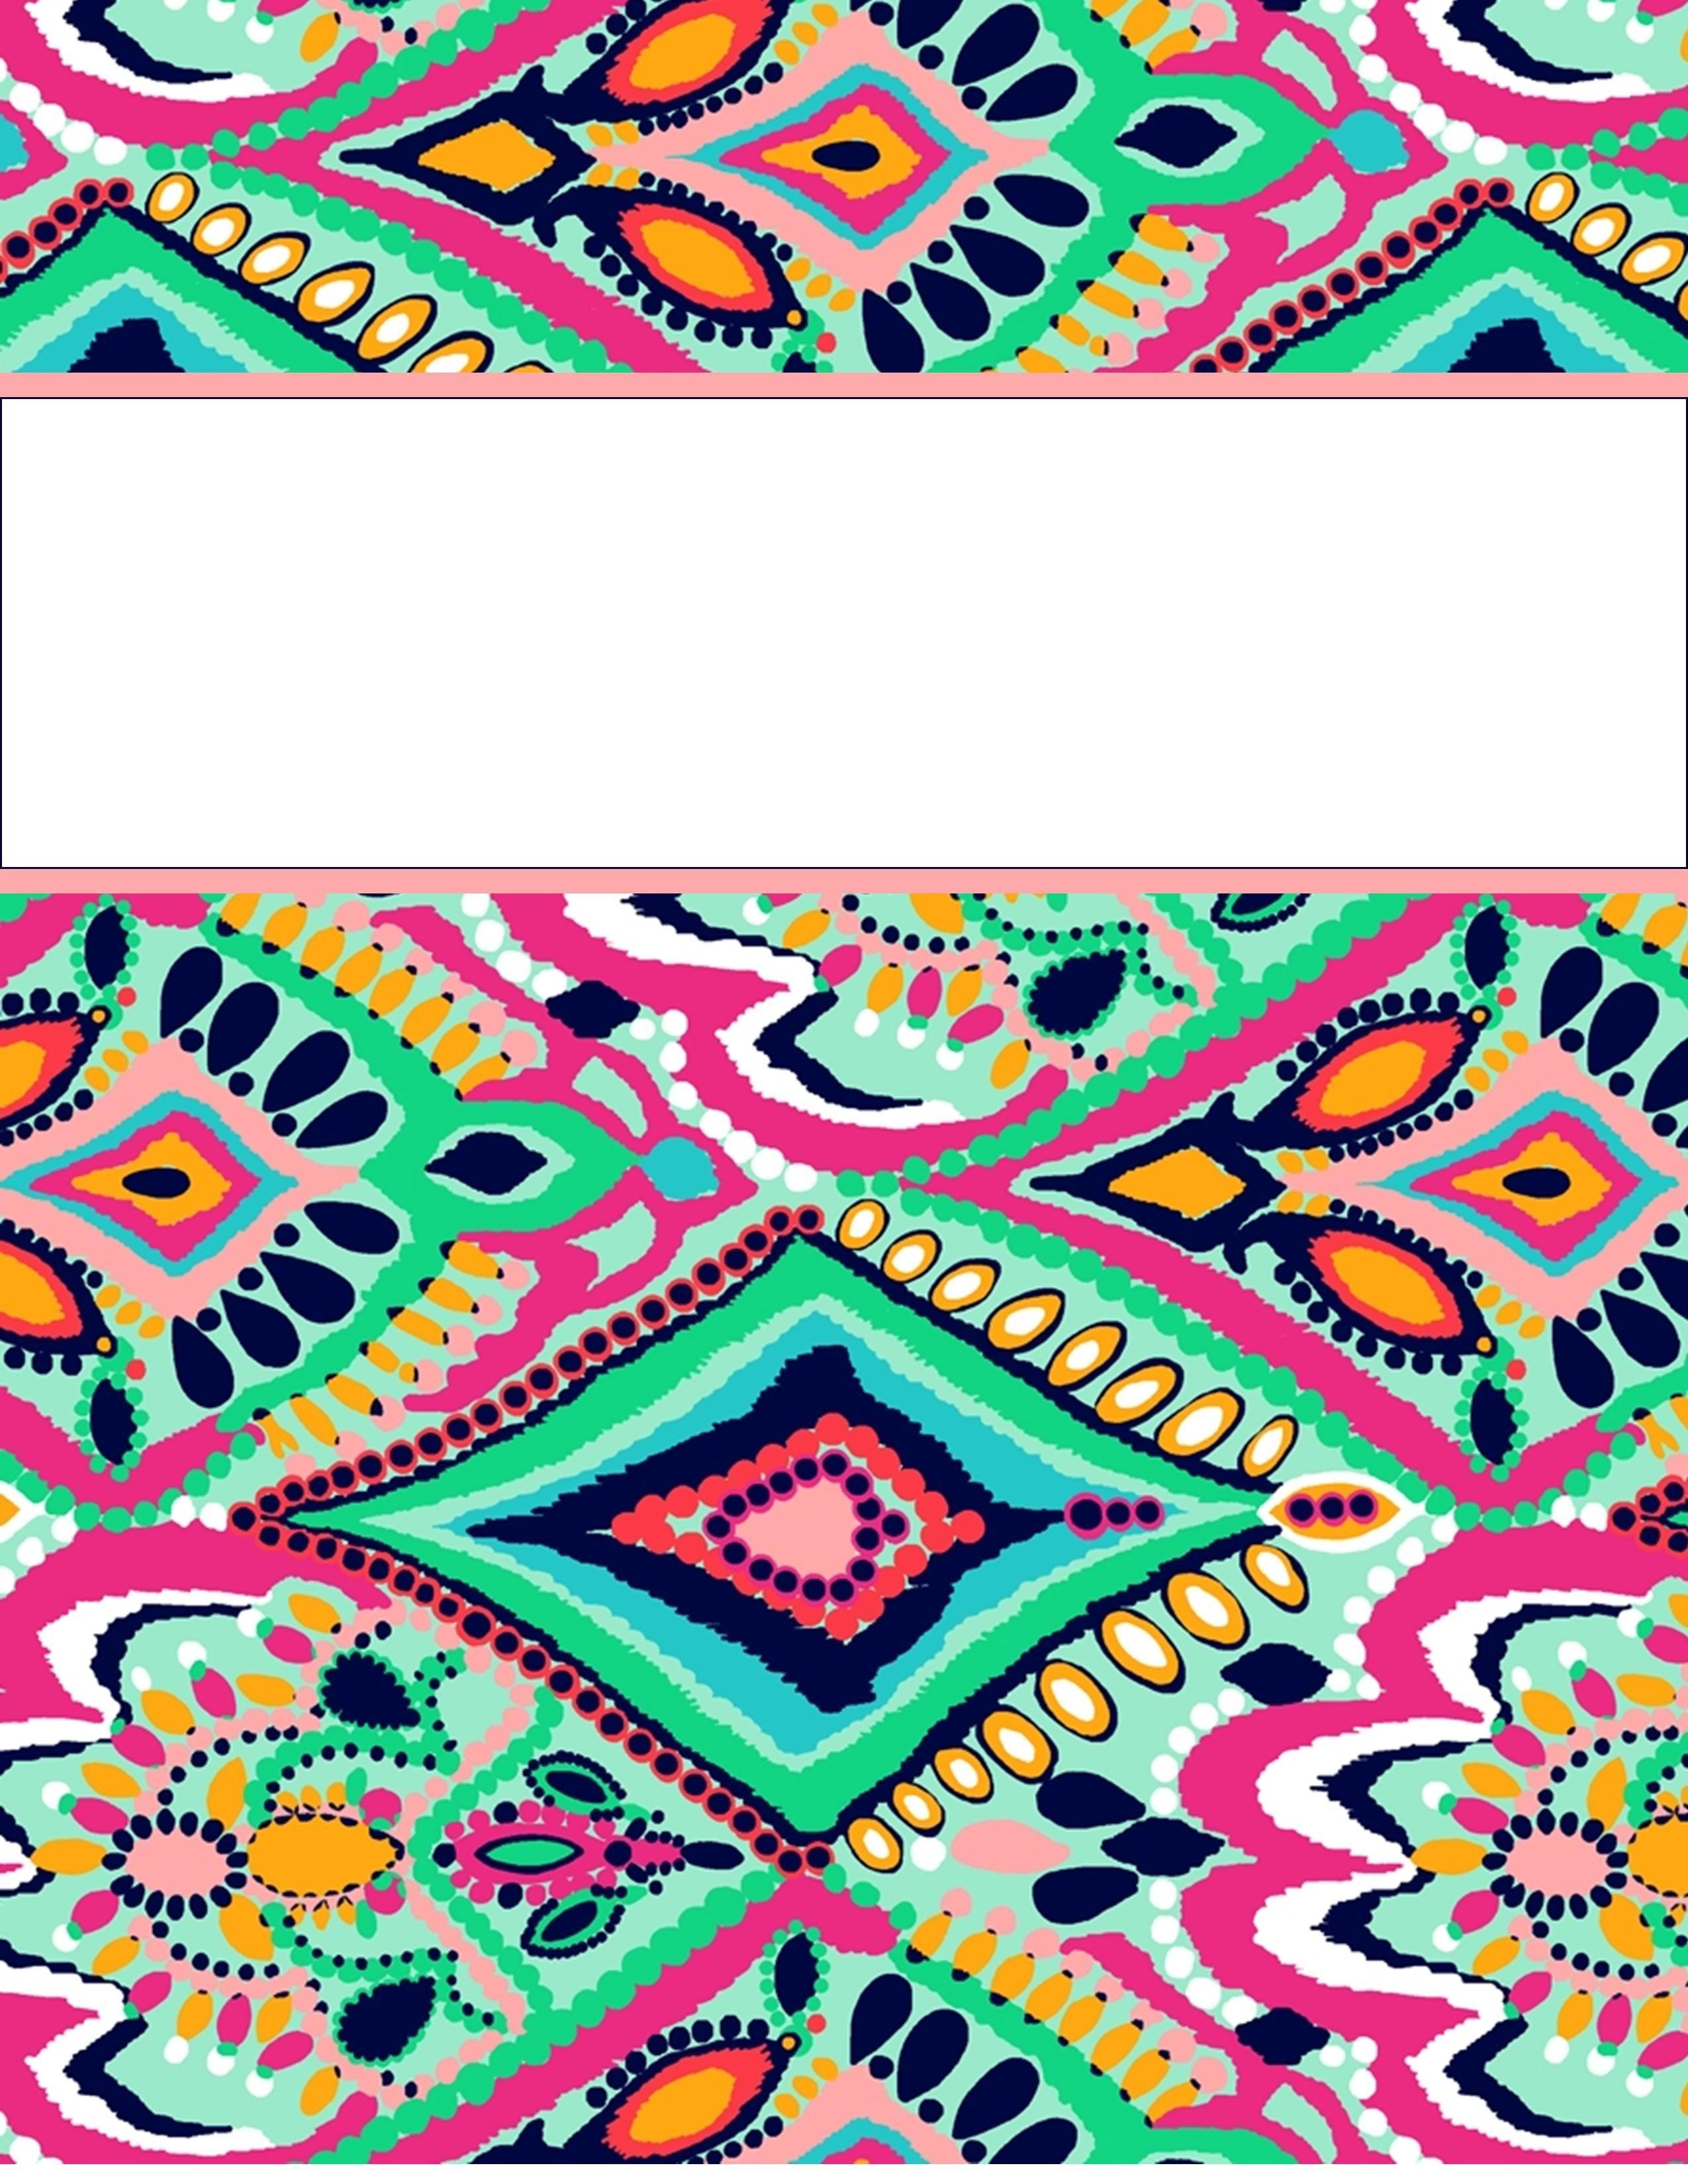 My Cute Binder Covers   Nursing School   Cute Binder Covers, Binder - Cute Free Printable Binder Covers